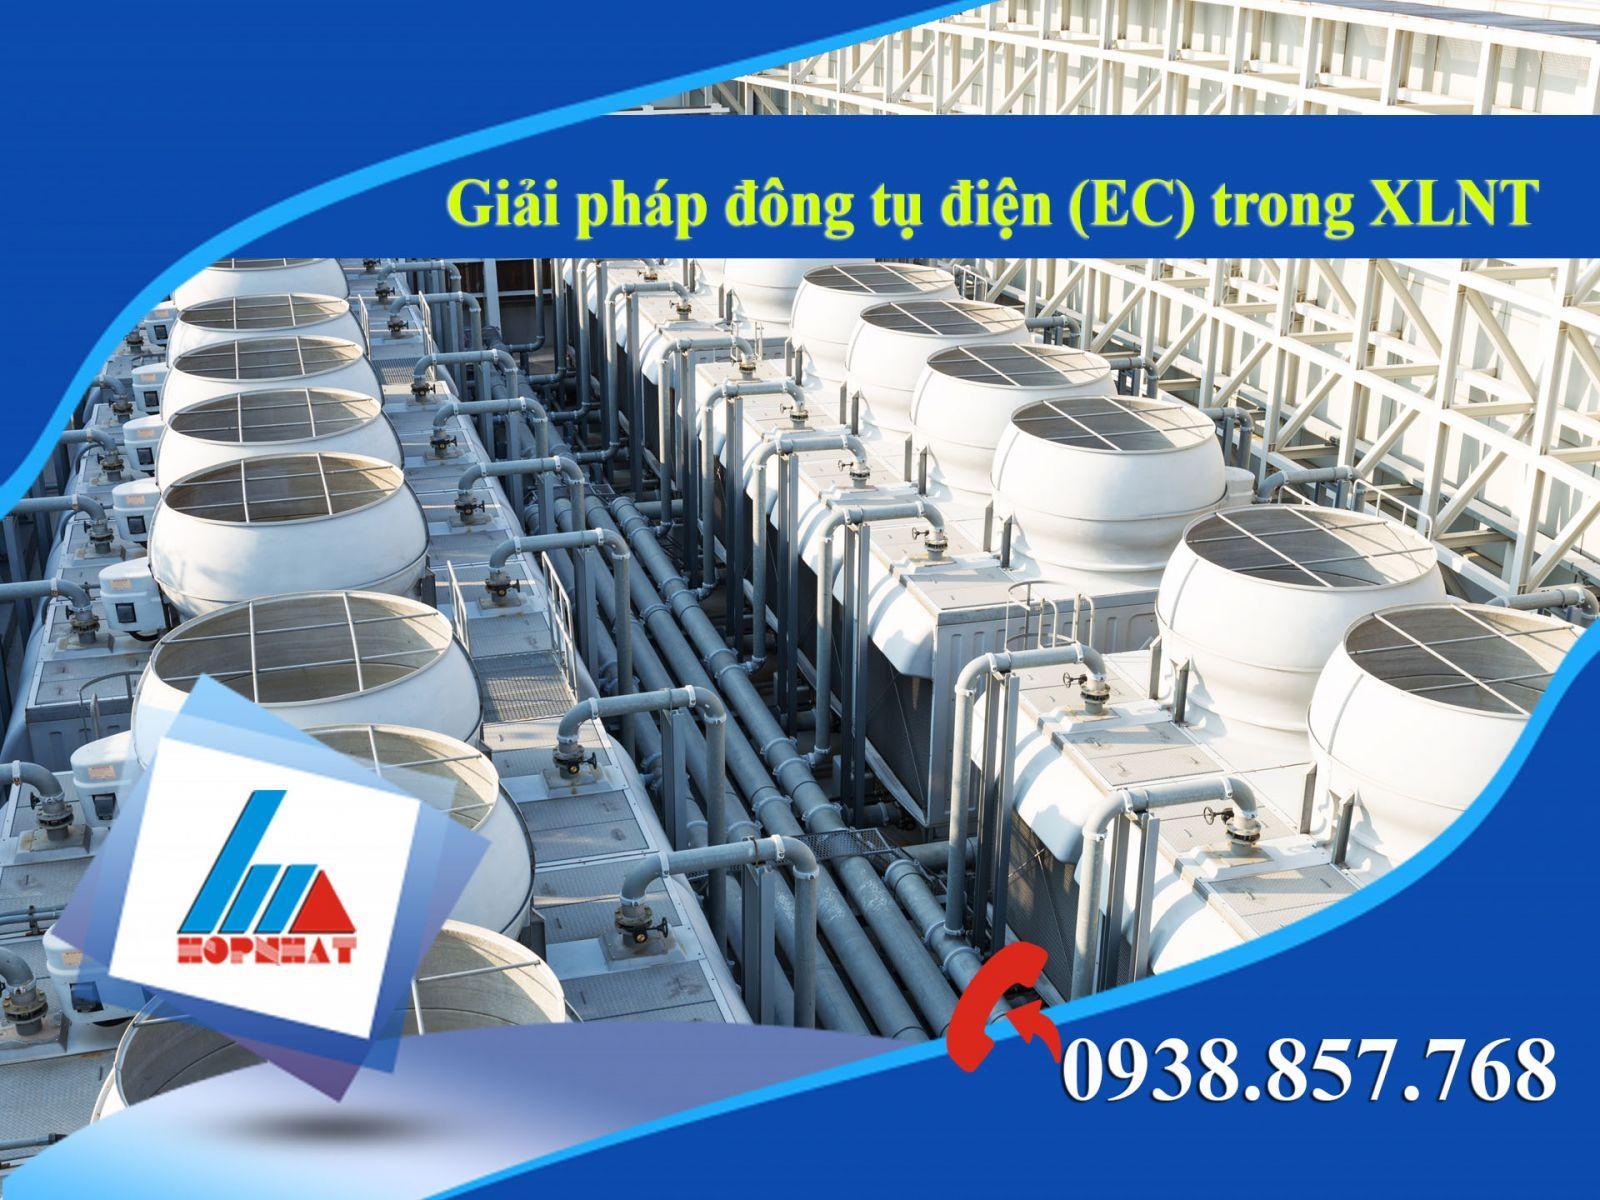 Giải pháp đông tụ điện (EC) trong XLNT